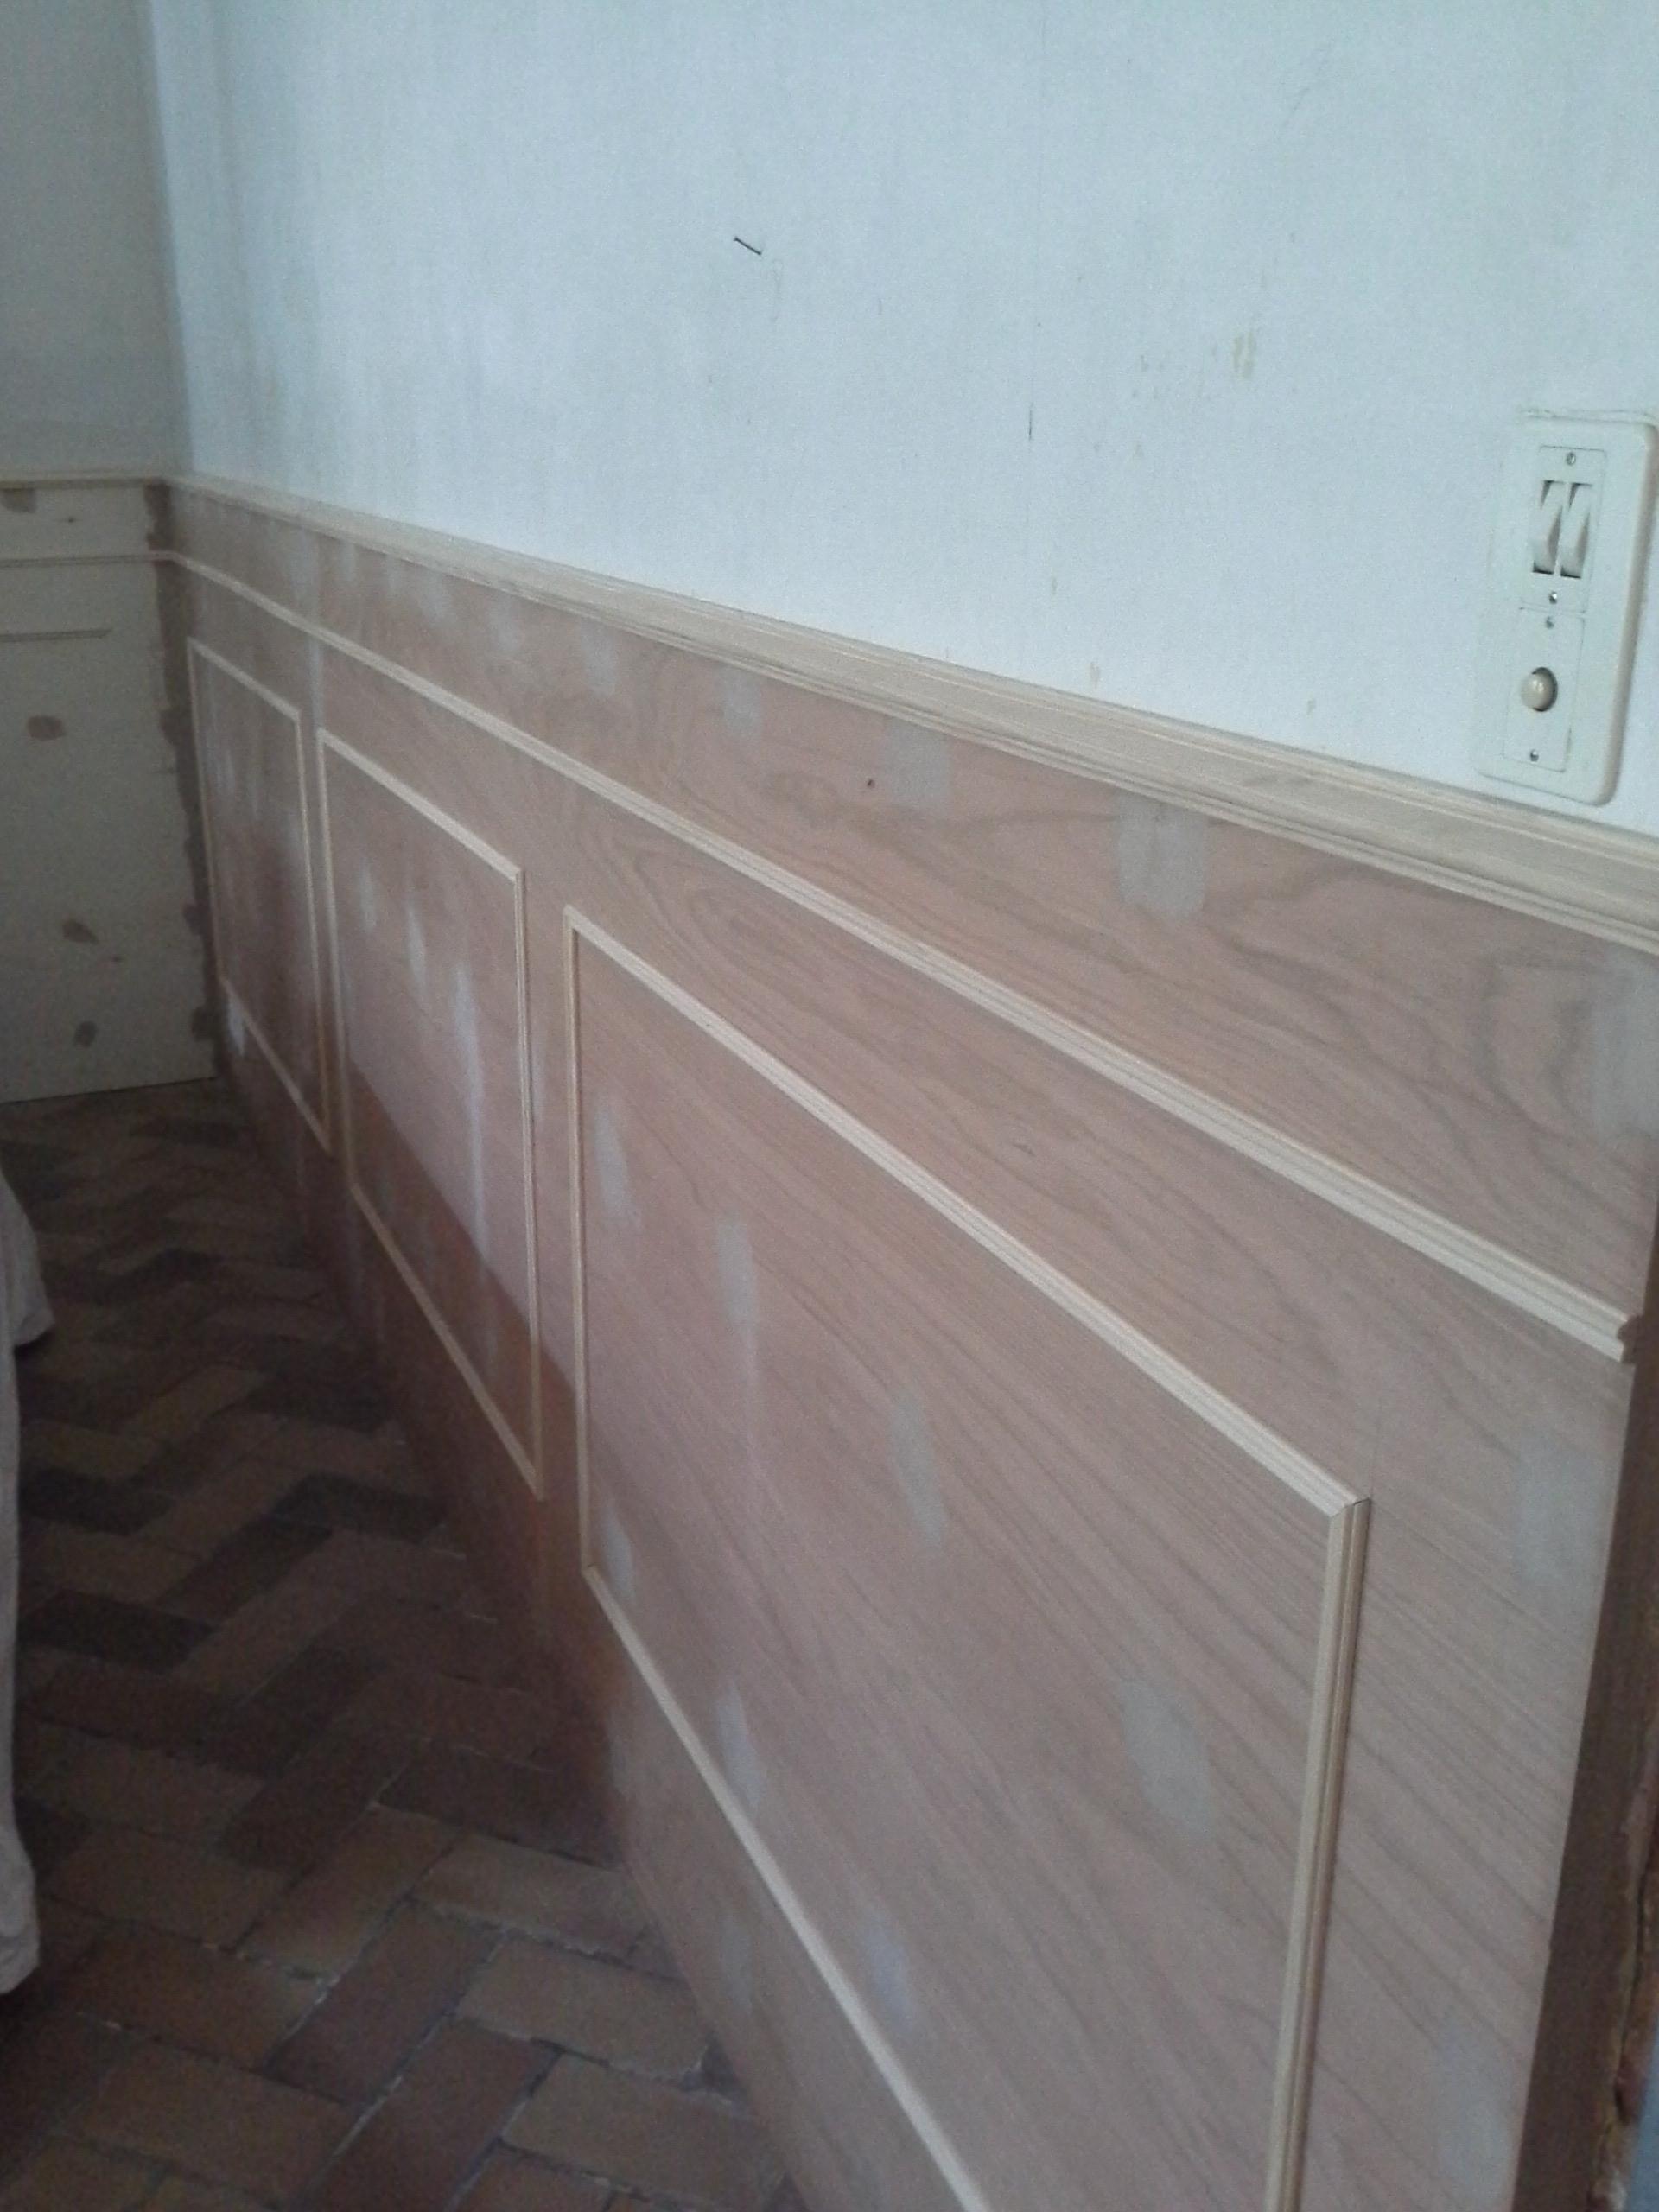 Comment Fabriquer Des Plinthes En Bois diy : soubassements faits maison - dans ma maison, il y a